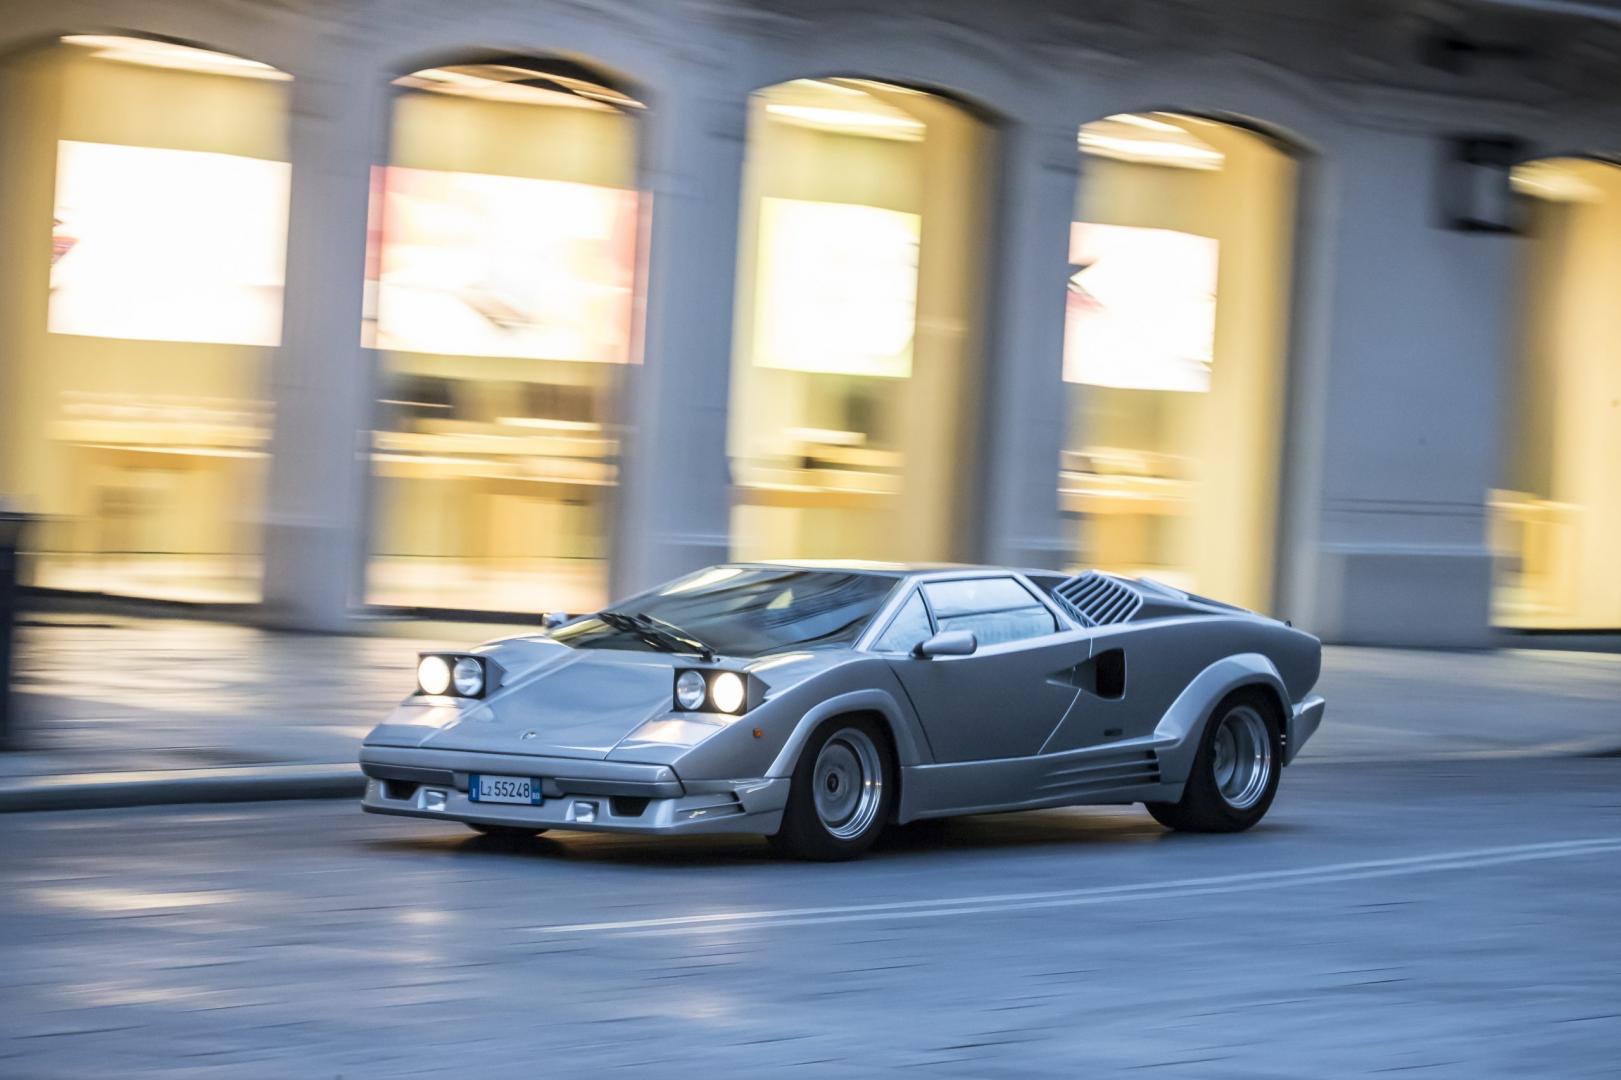 Lamborghini Countach klapkoplampen